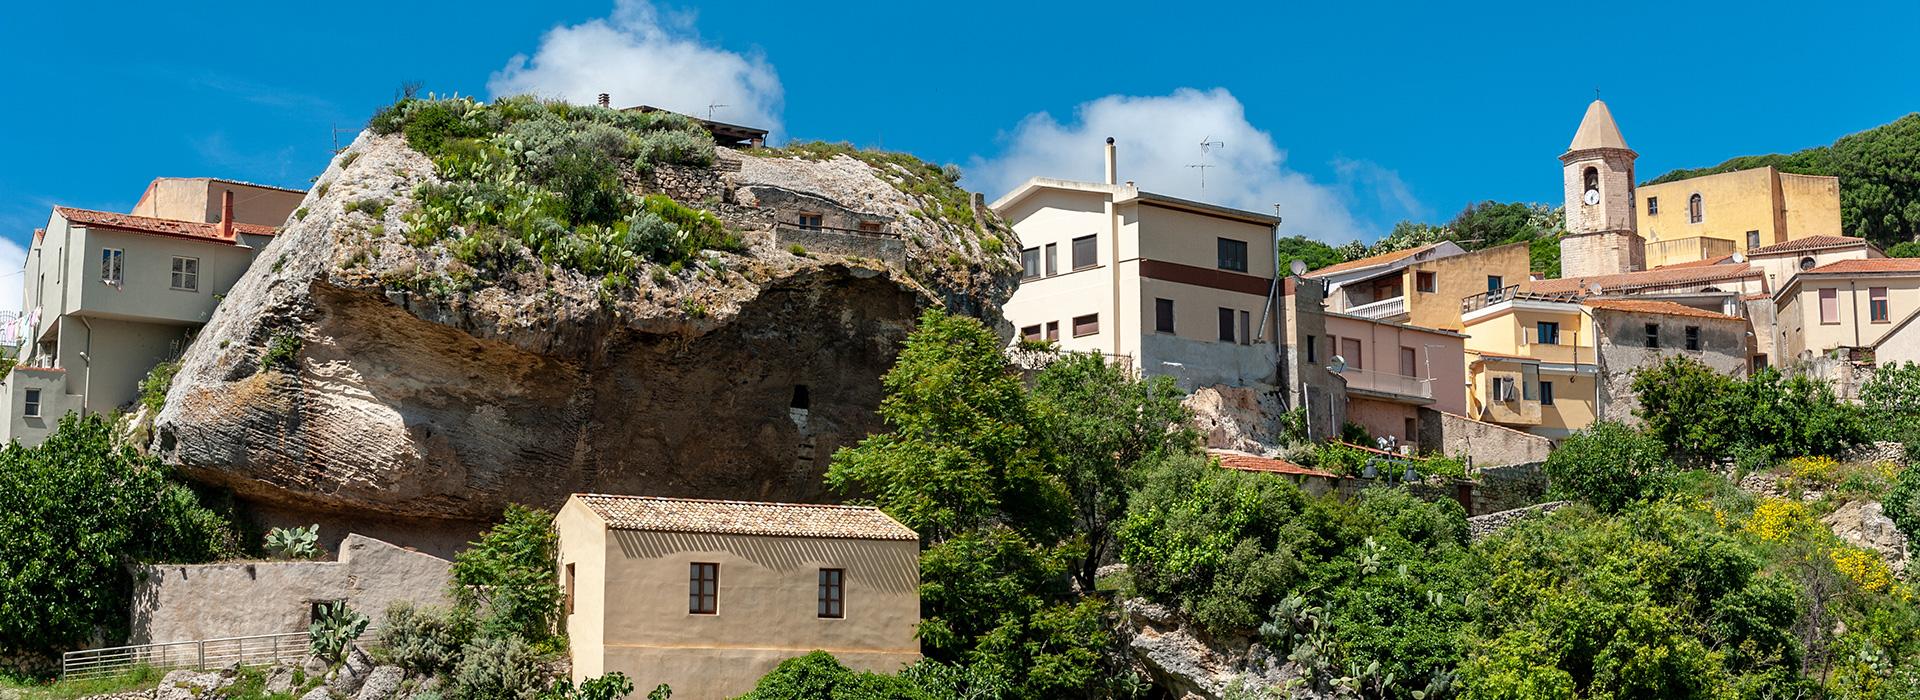 <p>L'antico borgo di Sedini si trova al centro della regione storica dell'Anglona nel nord della Sardegna. Dista circa 50 km dal capoluogo Sassari, circa 10 Km dal mare, ad un'altitudine di 350 metri sul livello del mare.</p>